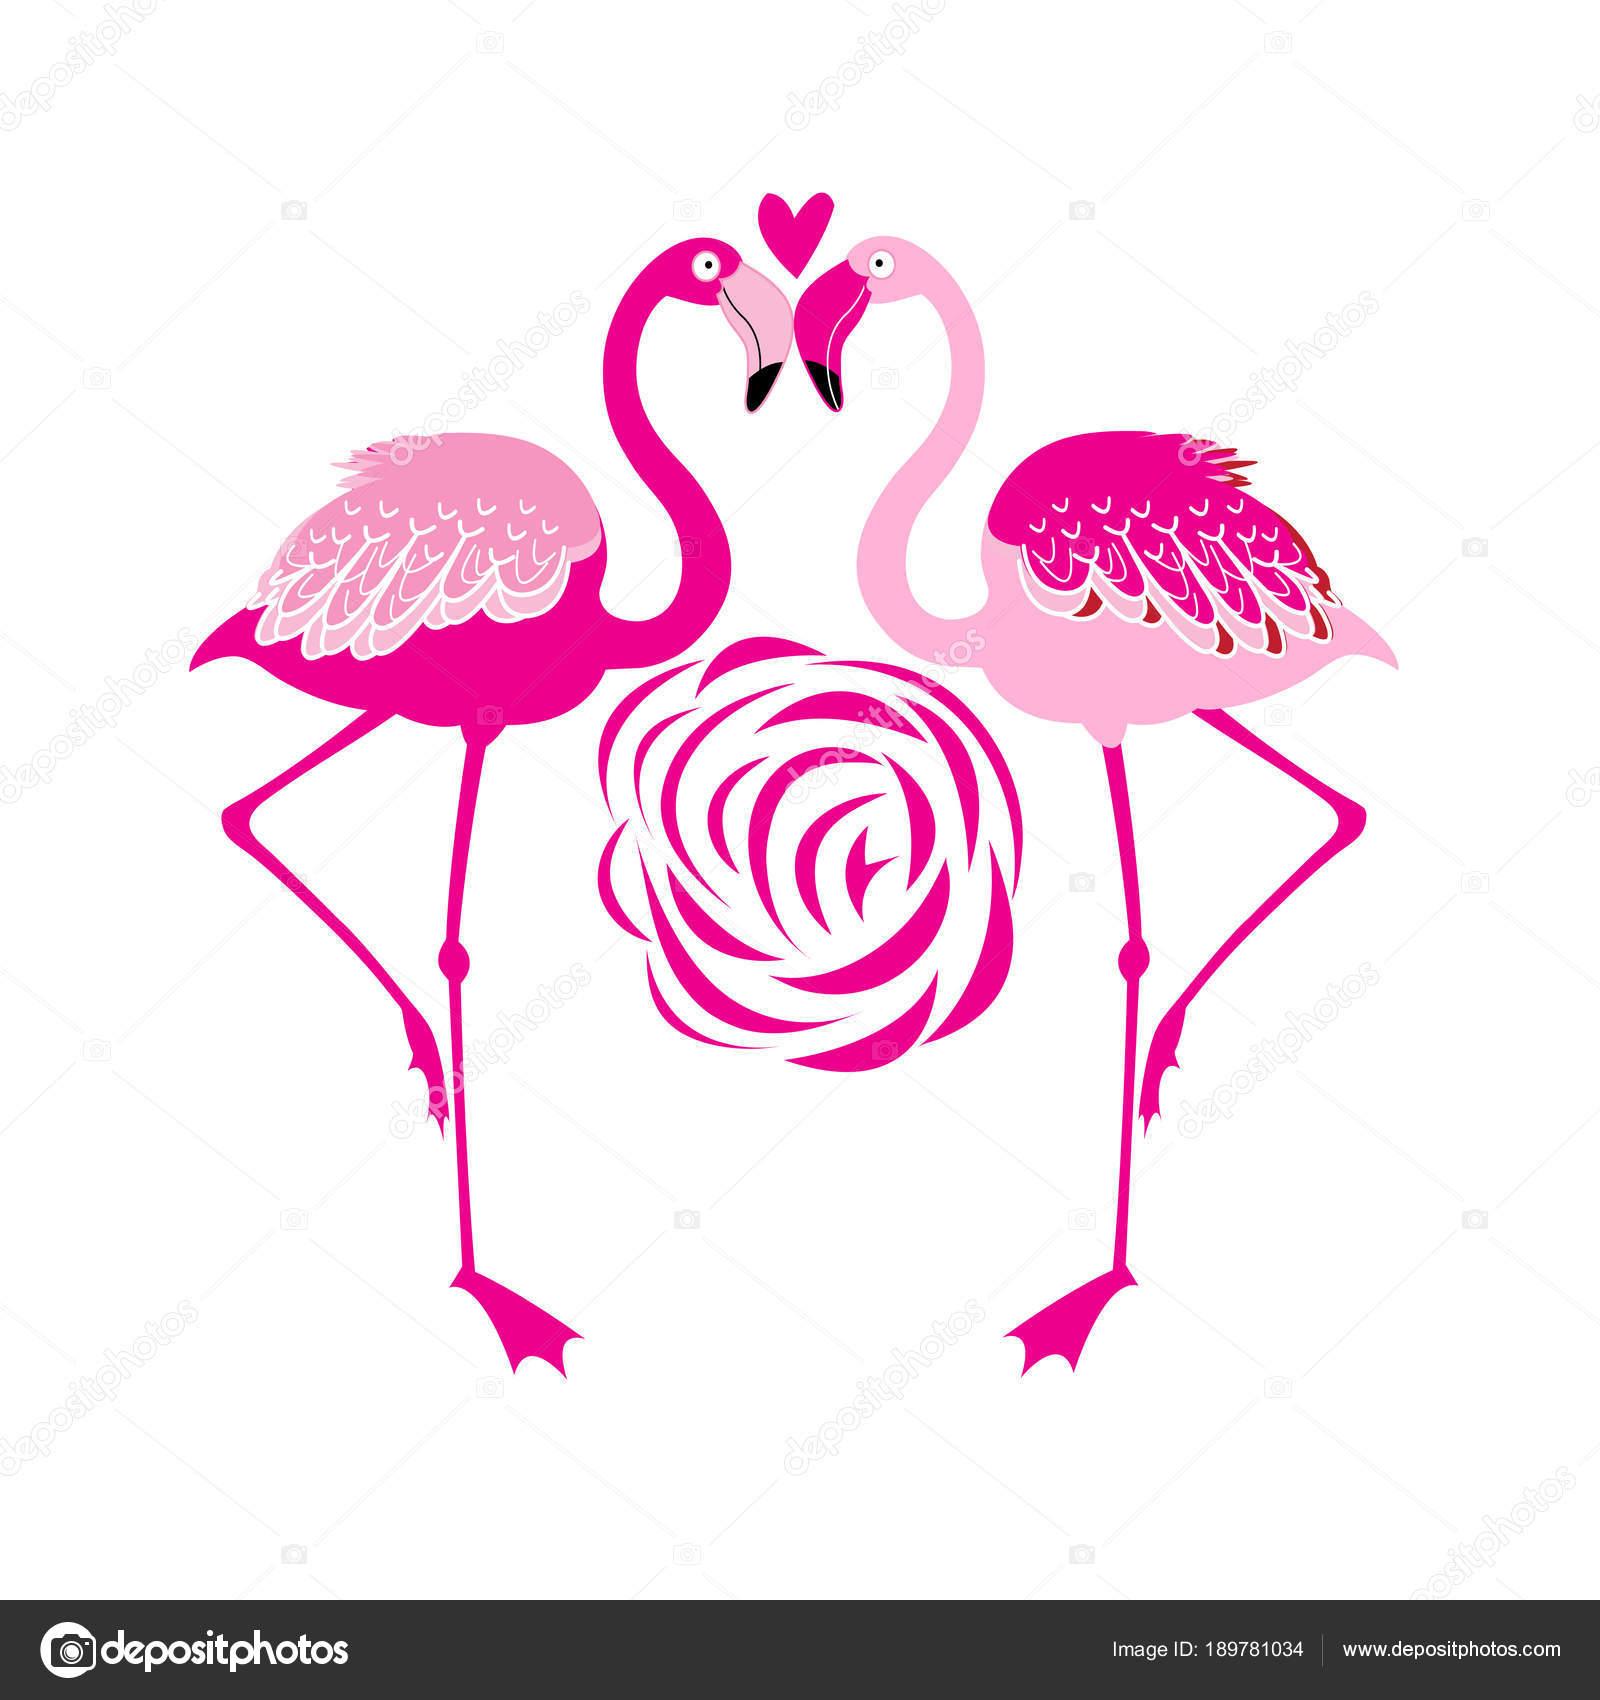 illustration vectorielle d un flamant rose amoureux image vectorielle tanor 189781034. Black Bedroom Furniture Sets. Home Design Ideas